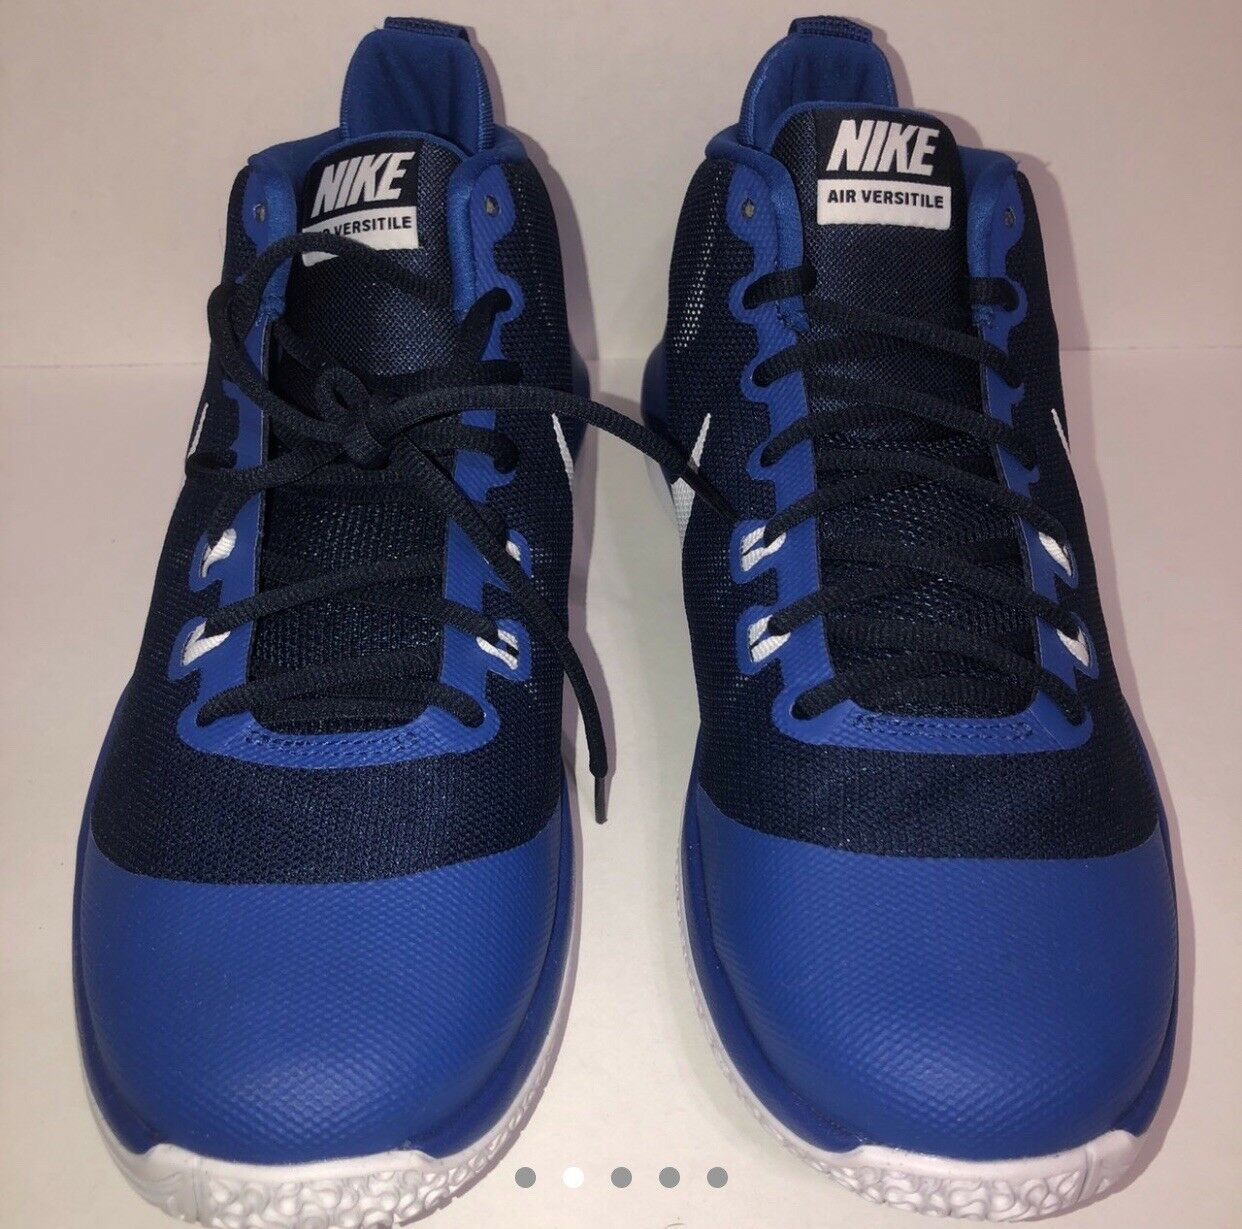 le scarpe nike nike nike numero 11 uomini blu | Bella arte  | diversità  | Economico E Pratico  | Uomo/Donne Scarpa  | Uomo/Donna Scarpa  | Uomo/Donne Scarpa  e47860